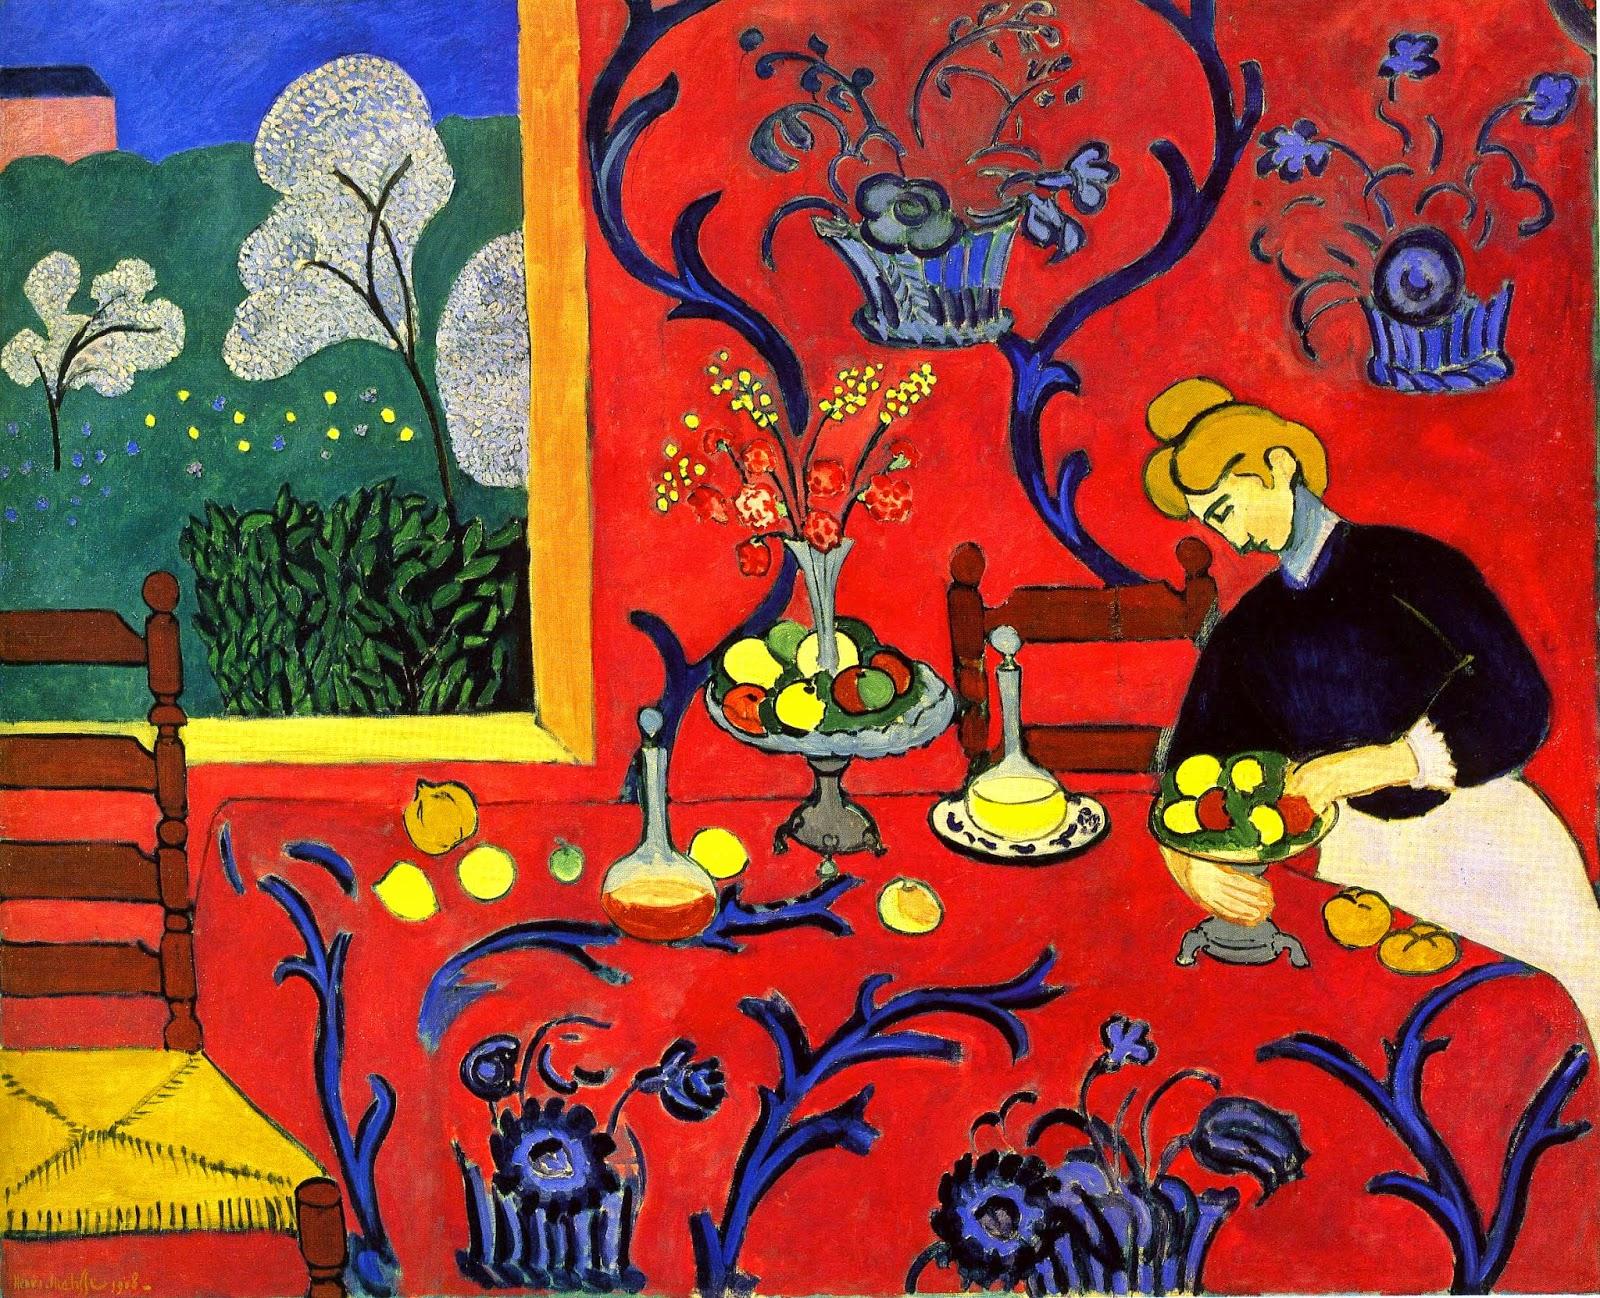 tapéta - ha nem mered a bútorodat színesíteni, dobd fel a faladat egy drámain erős árnyalatú tapétával!Henri Matisse festménye is inspiráló lehet!